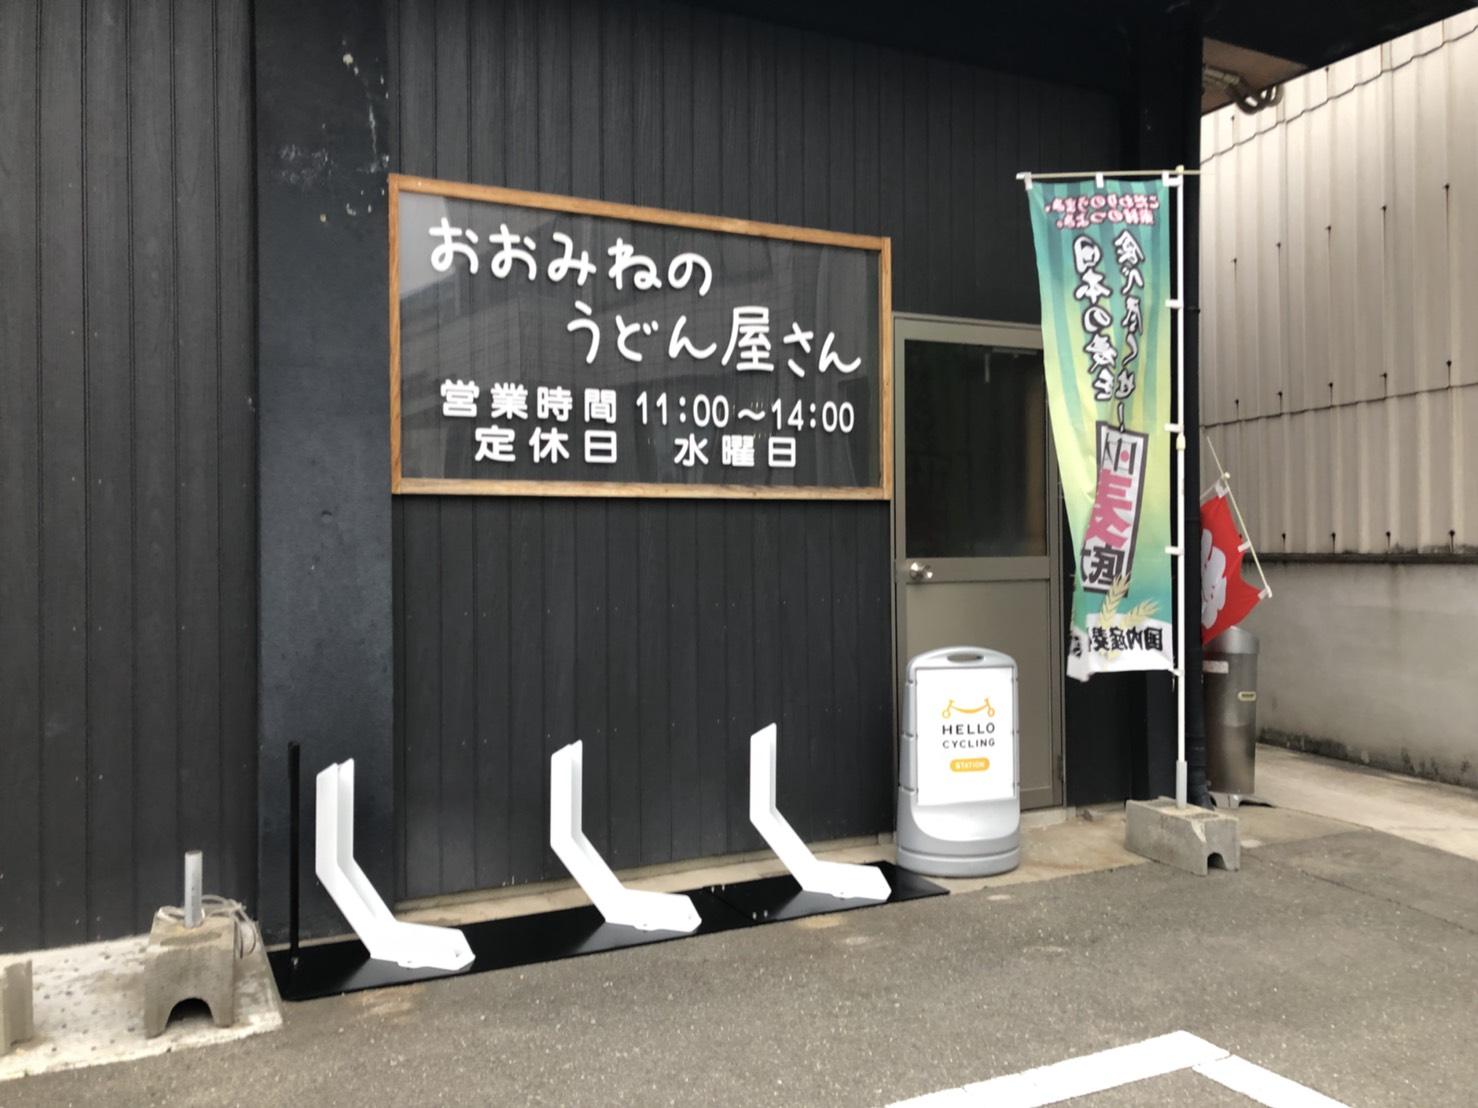 小豆島おおみねのうどん屋さん (HELLO CYCLING ポート) image